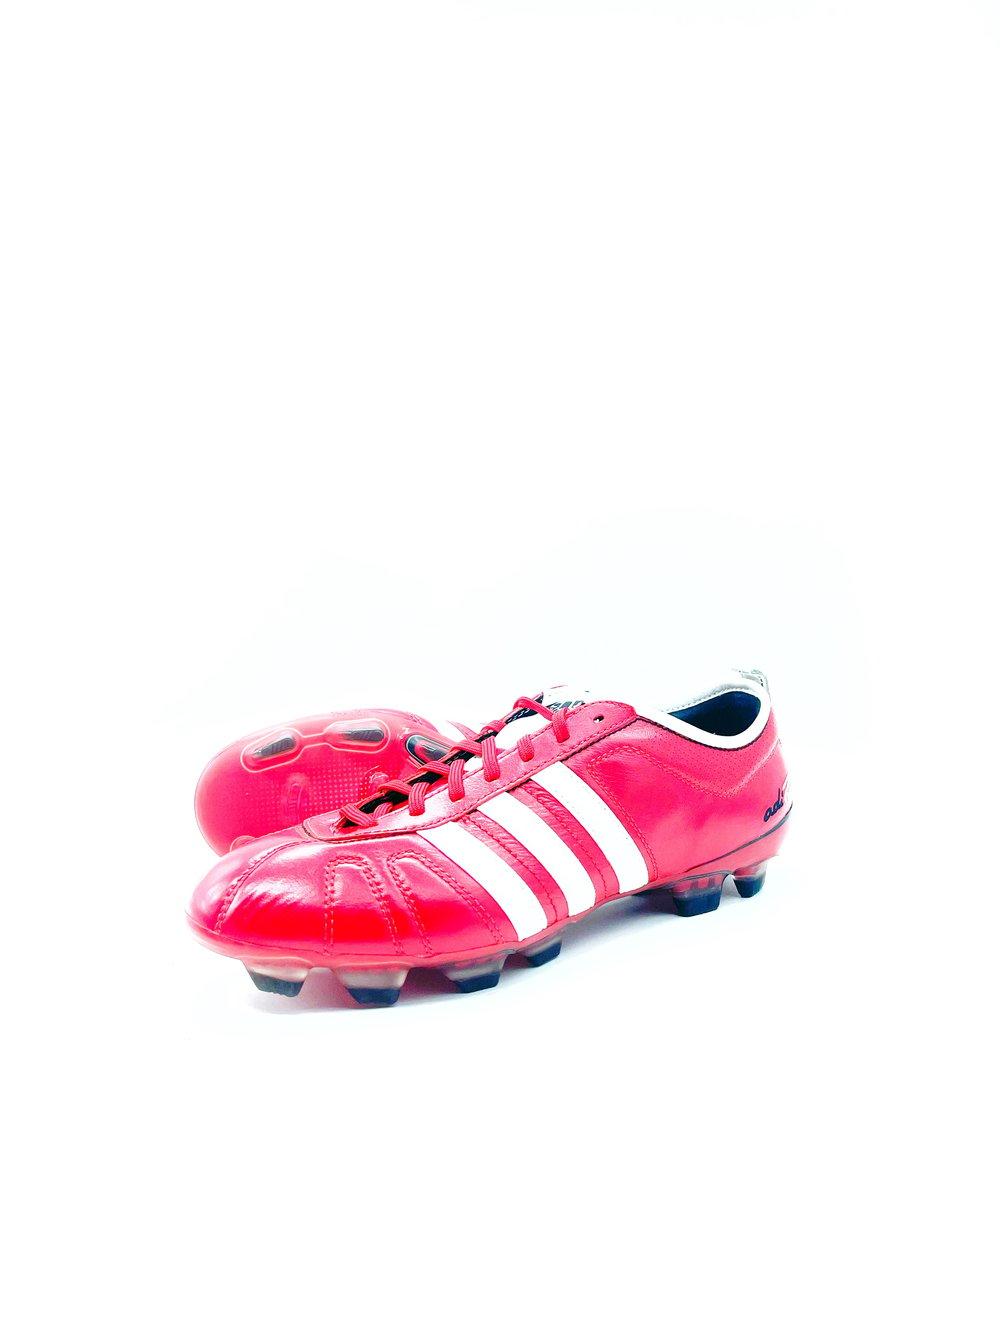 Image of Adidas Adipure IV FG red